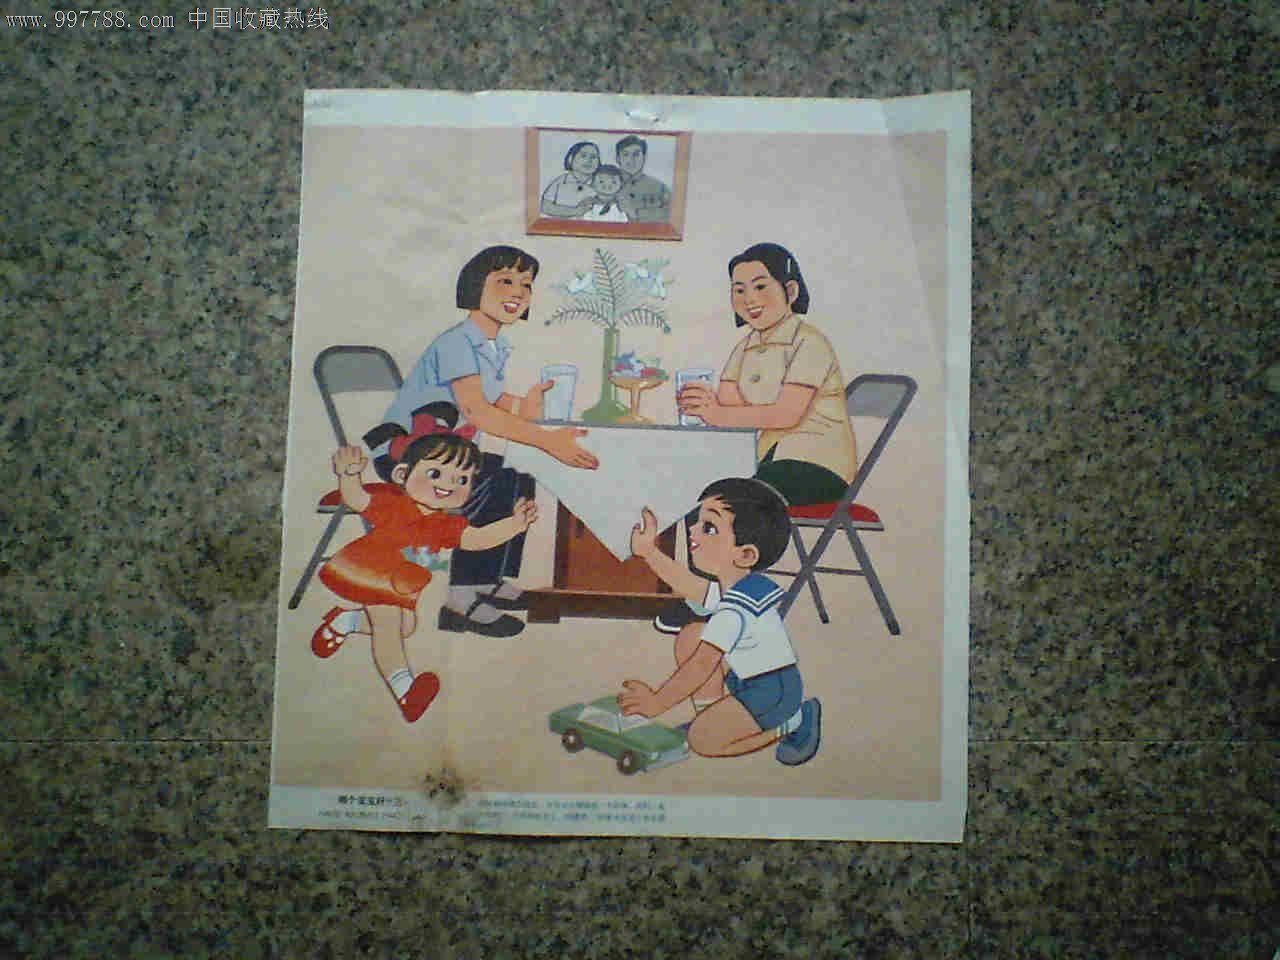 幼儿园看图讲述教育挂图-哪个宝宝好?_价格4元_第3张_中国收藏热线